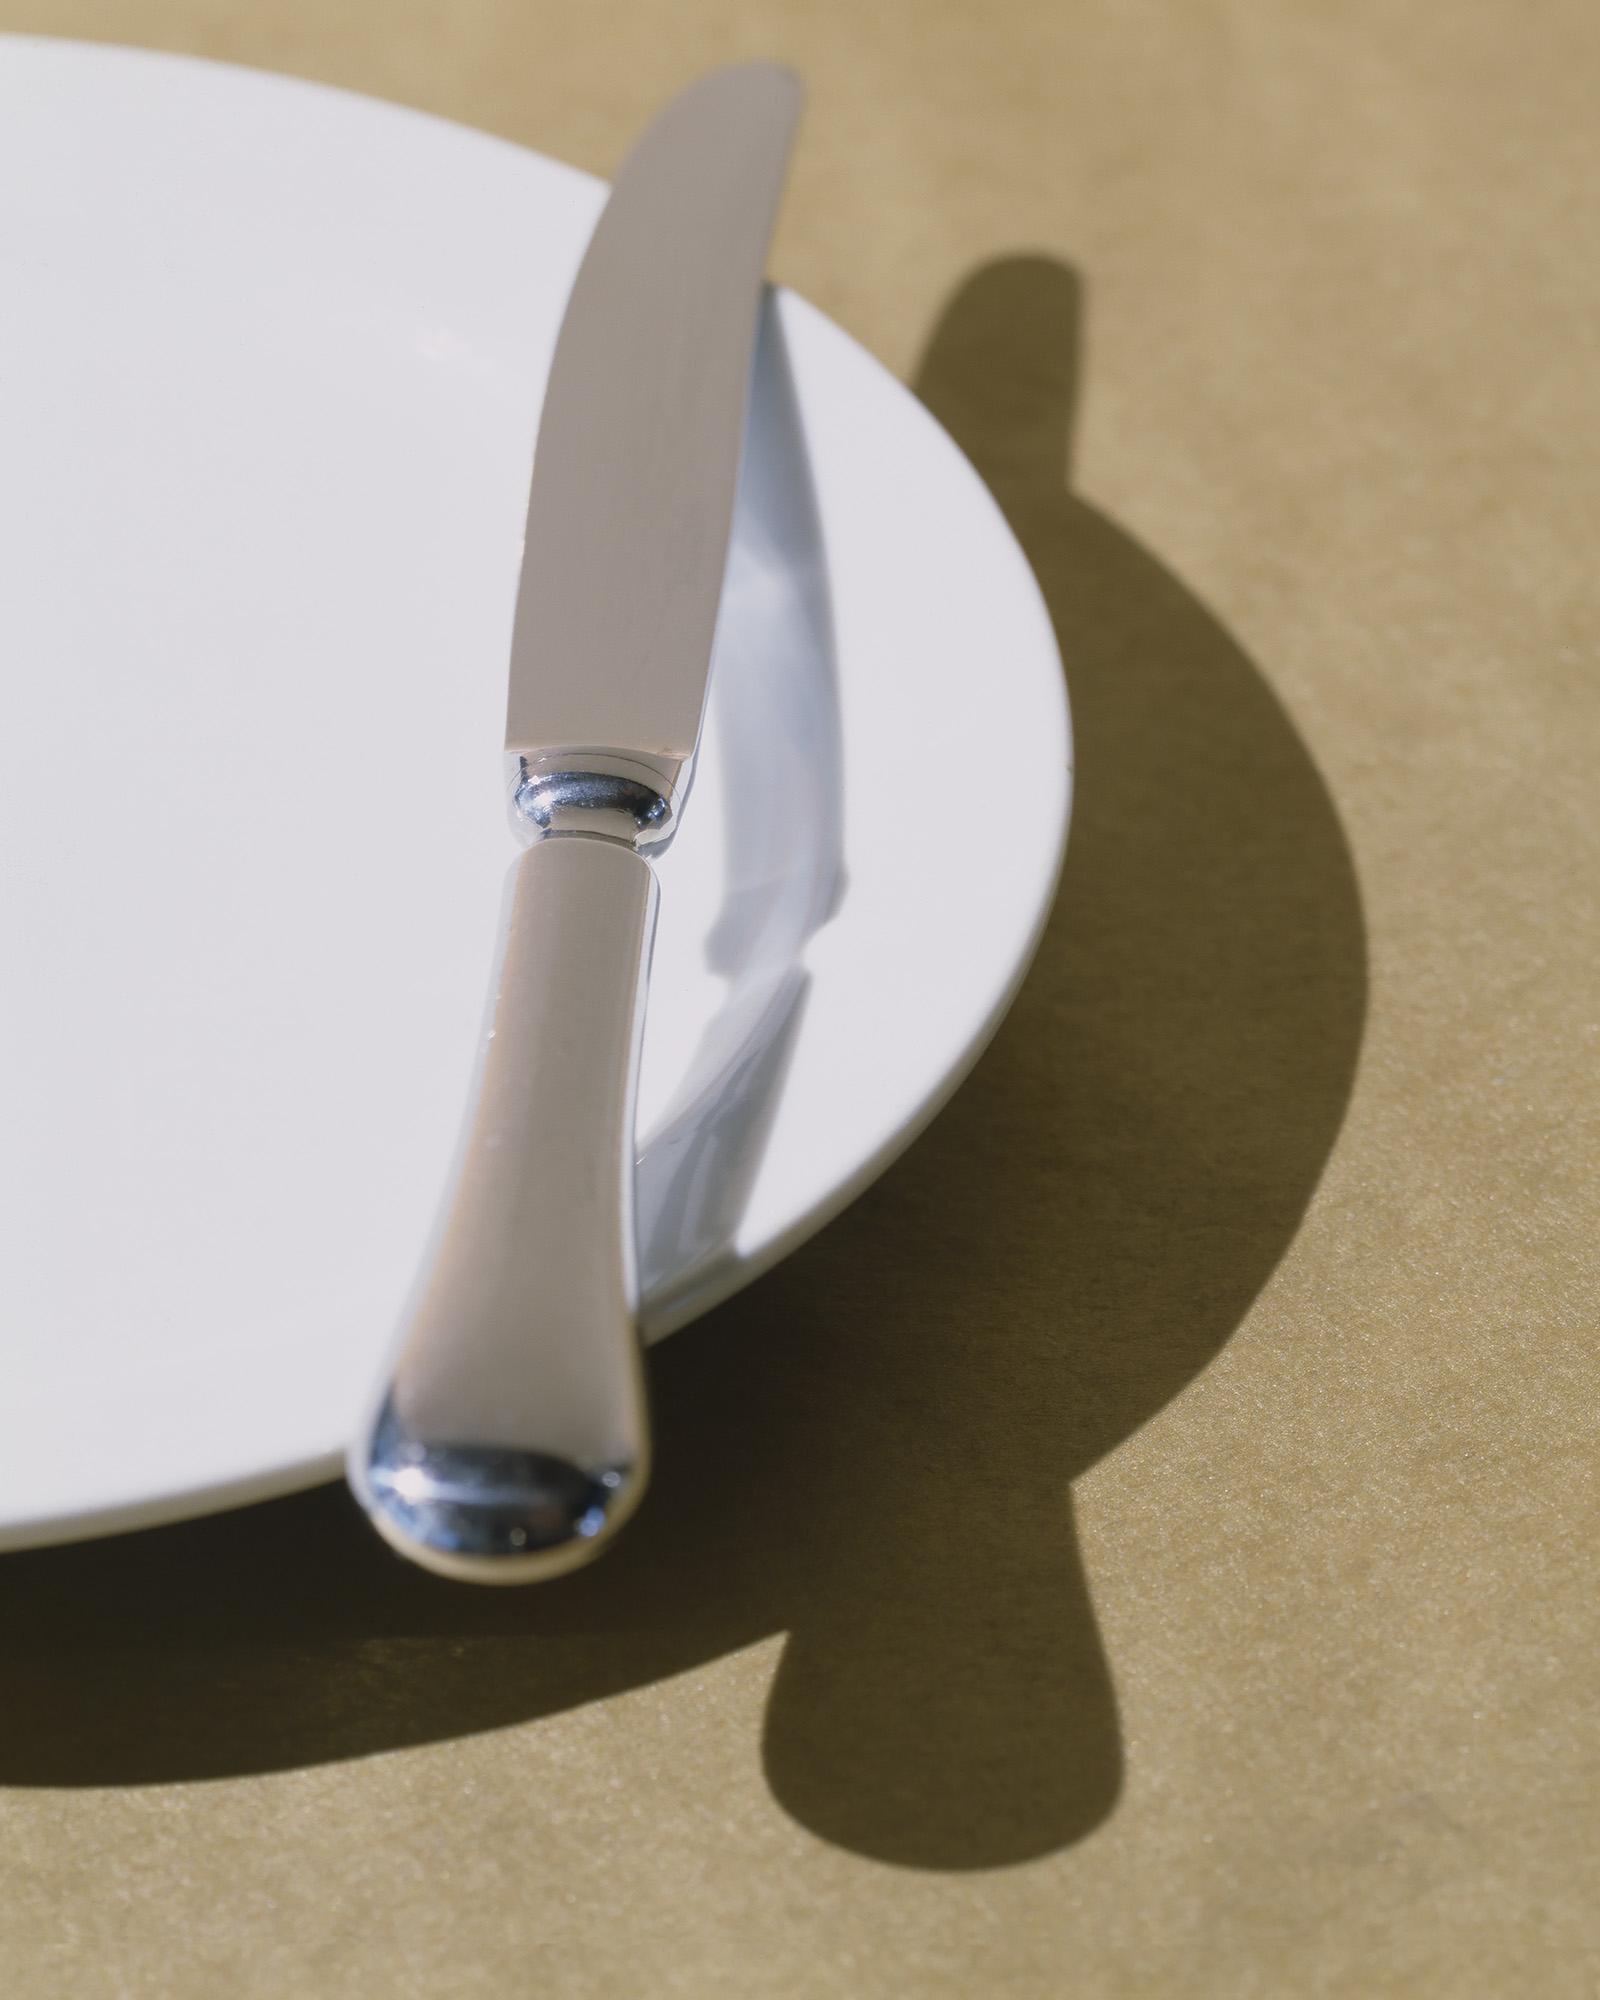 Knife on Plate.jpg